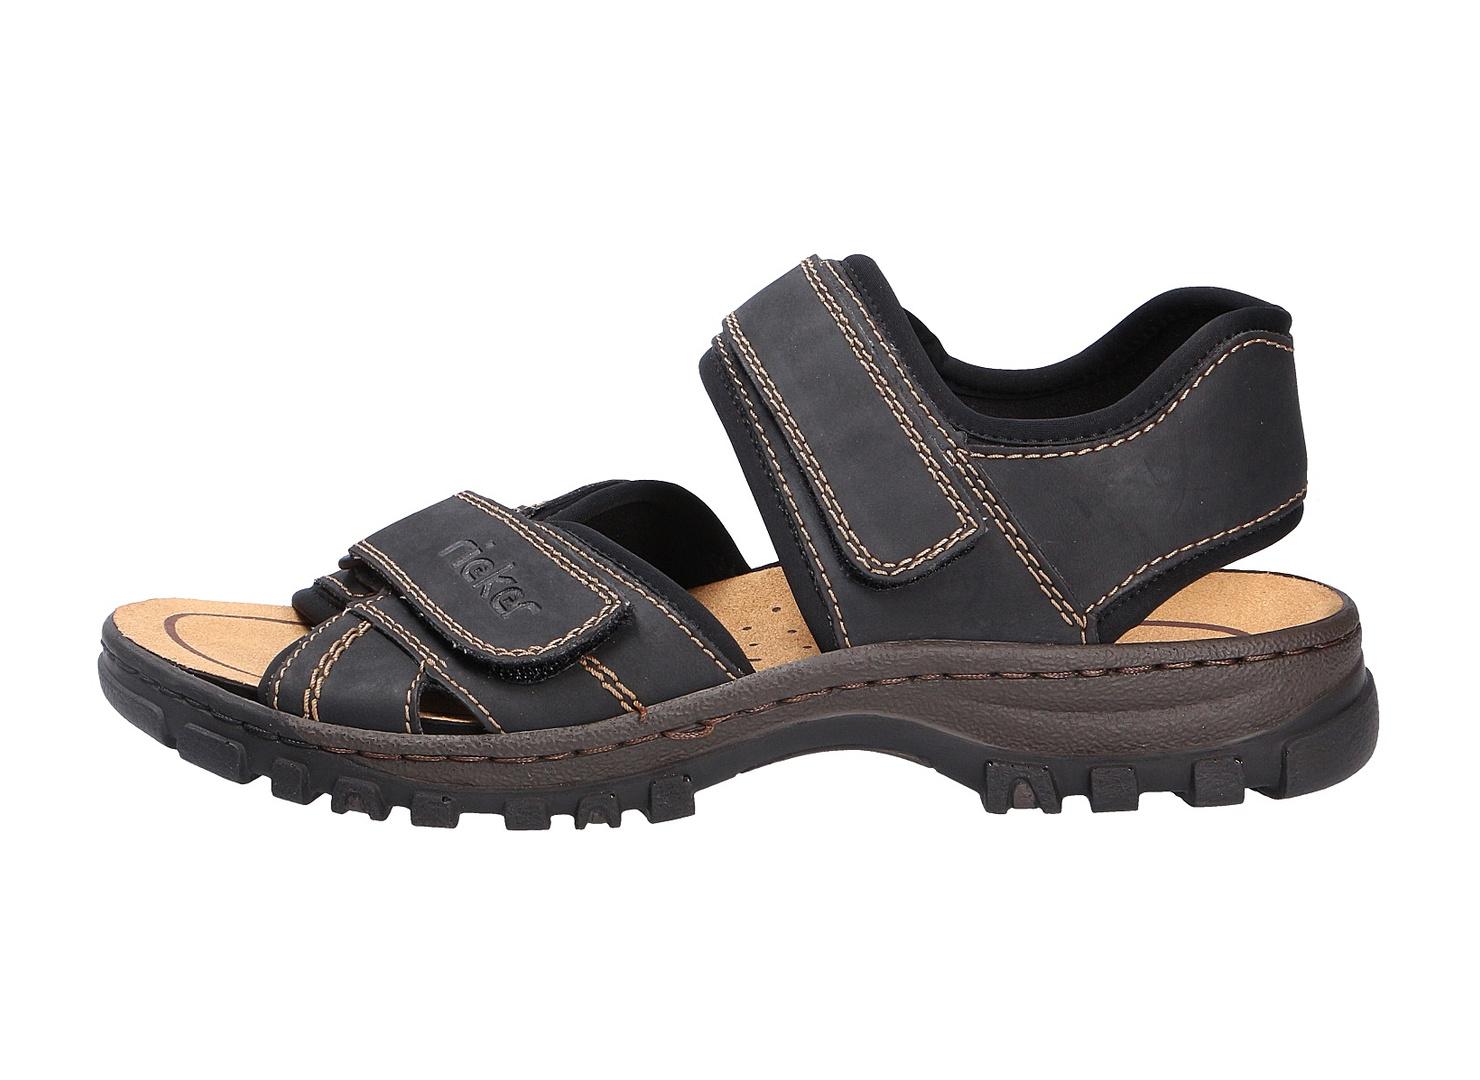 Rieker Herren Sandale | Komfort Sandalen | SANDALEN | HERREN